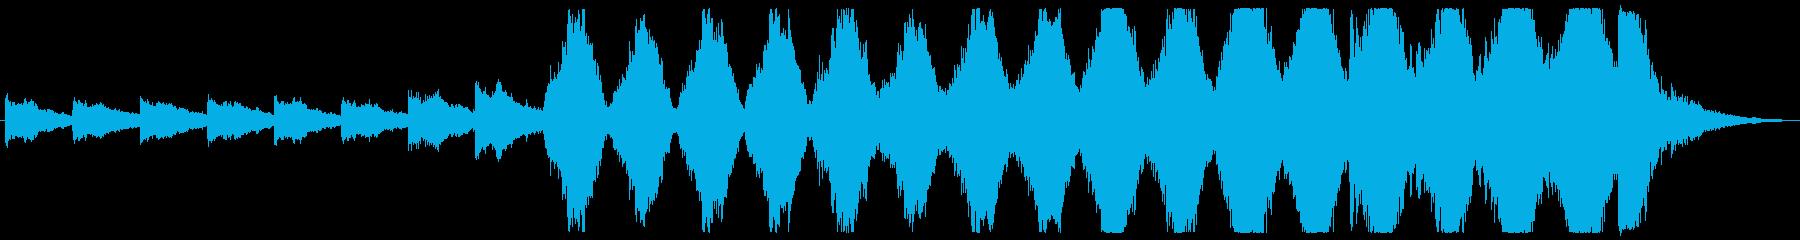 プログレッシブ 交響曲 ゆっくり ...の再生済みの波形